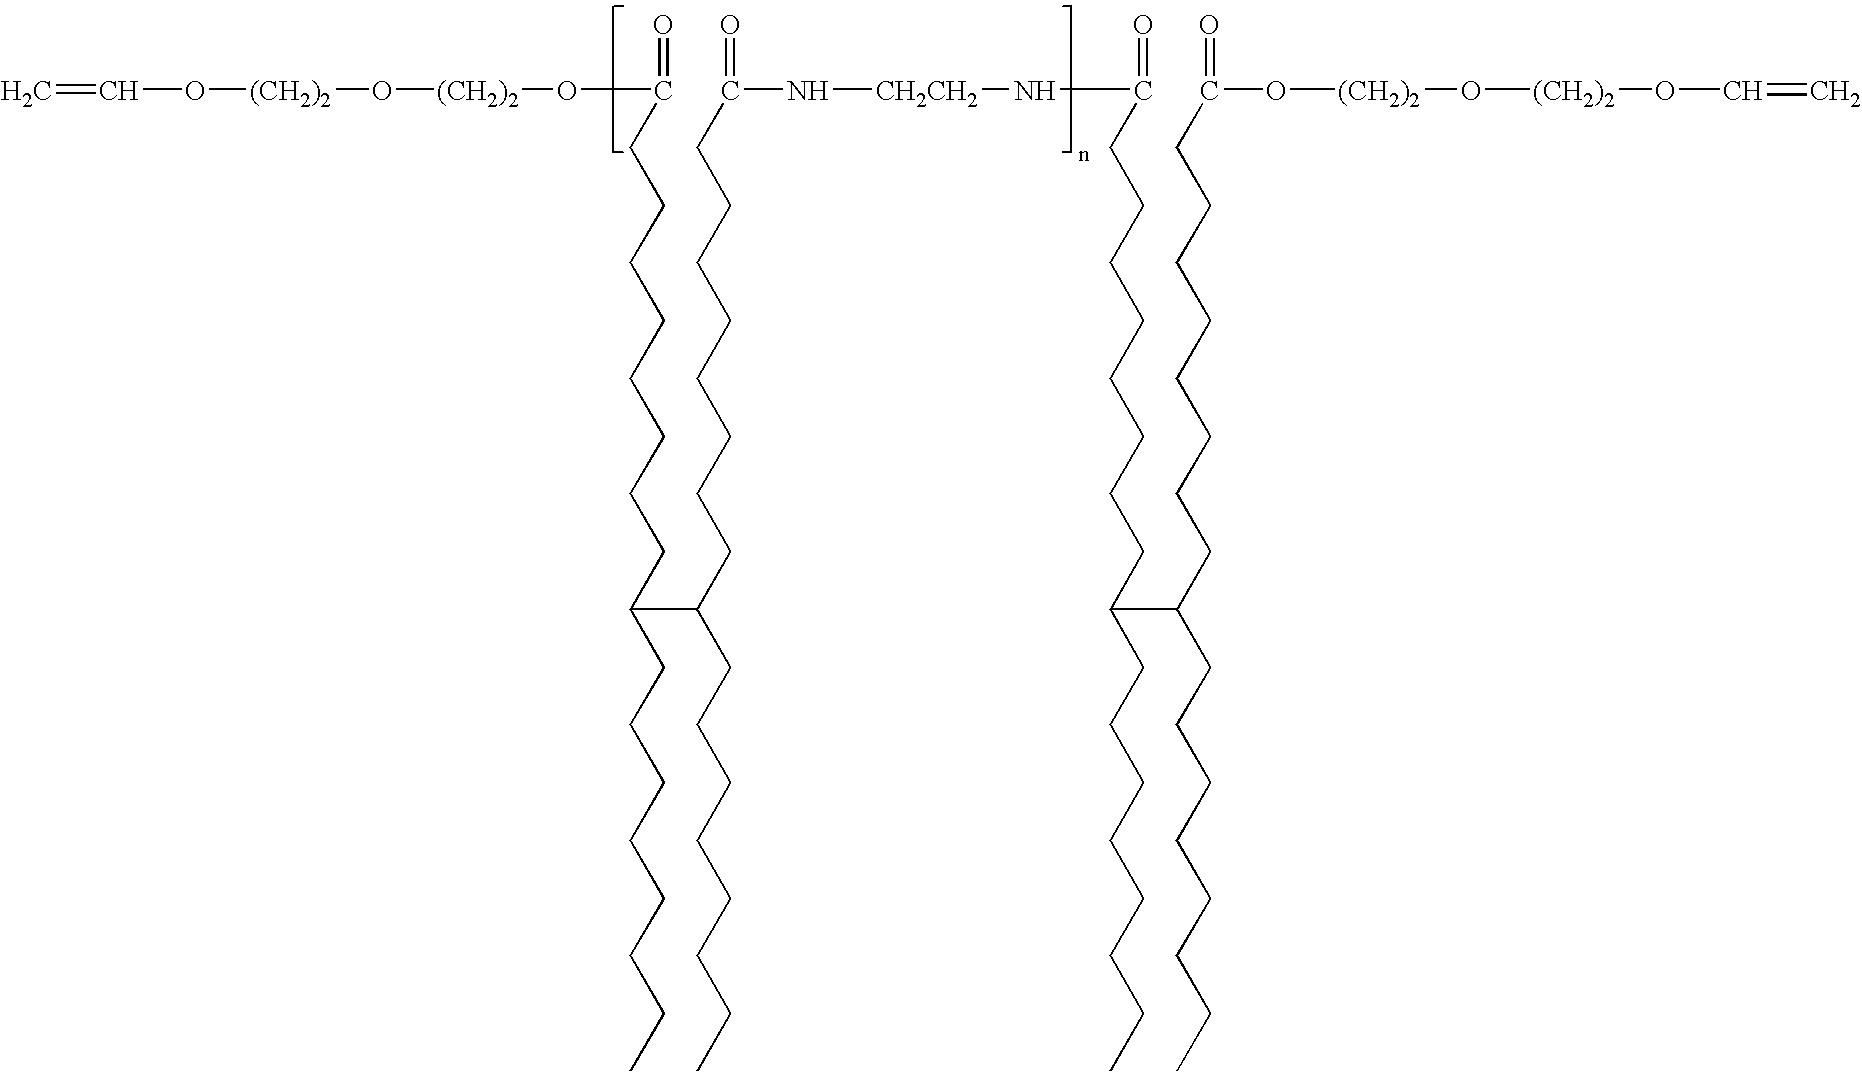 Figure US20070123724A1-20070531-C00057